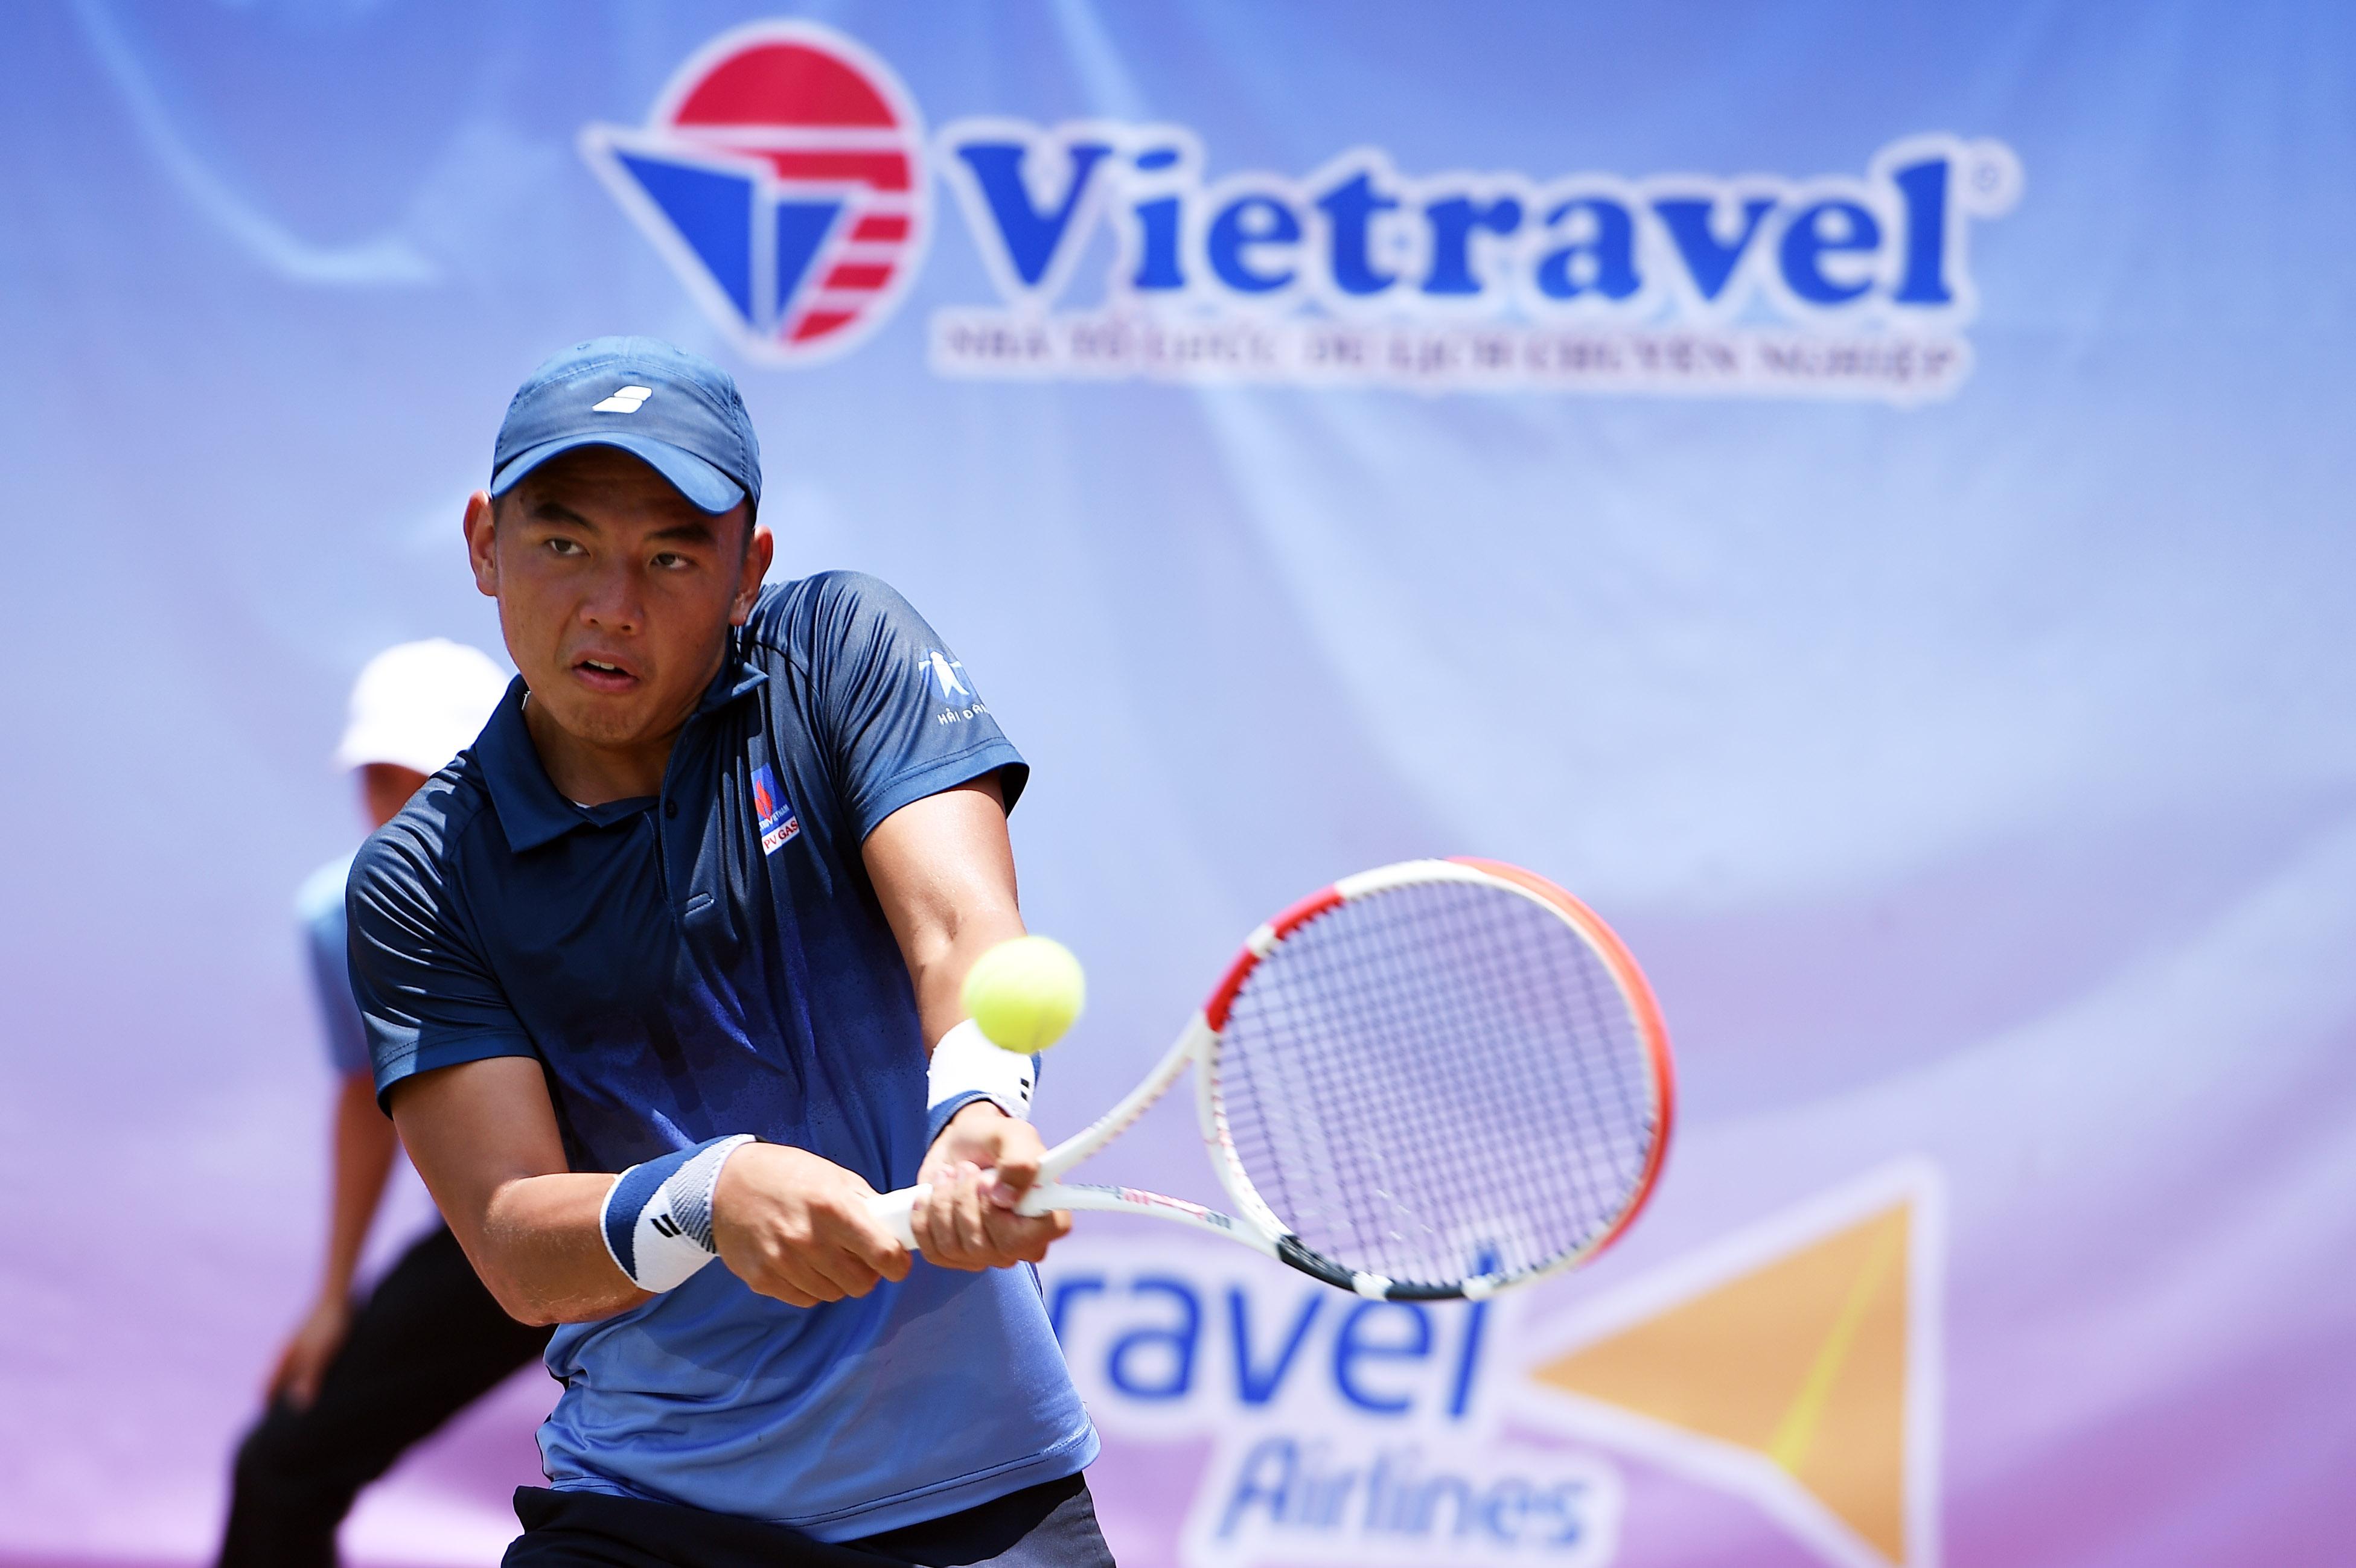 Hình ảnh: Giải quần vợt Vô địch Đồng đội Quốc – Đăk Nông 2021: Lý Hoàng Nam có mặt ở tứ kết, TP.HCM tiếp tục thăng hoa số 2